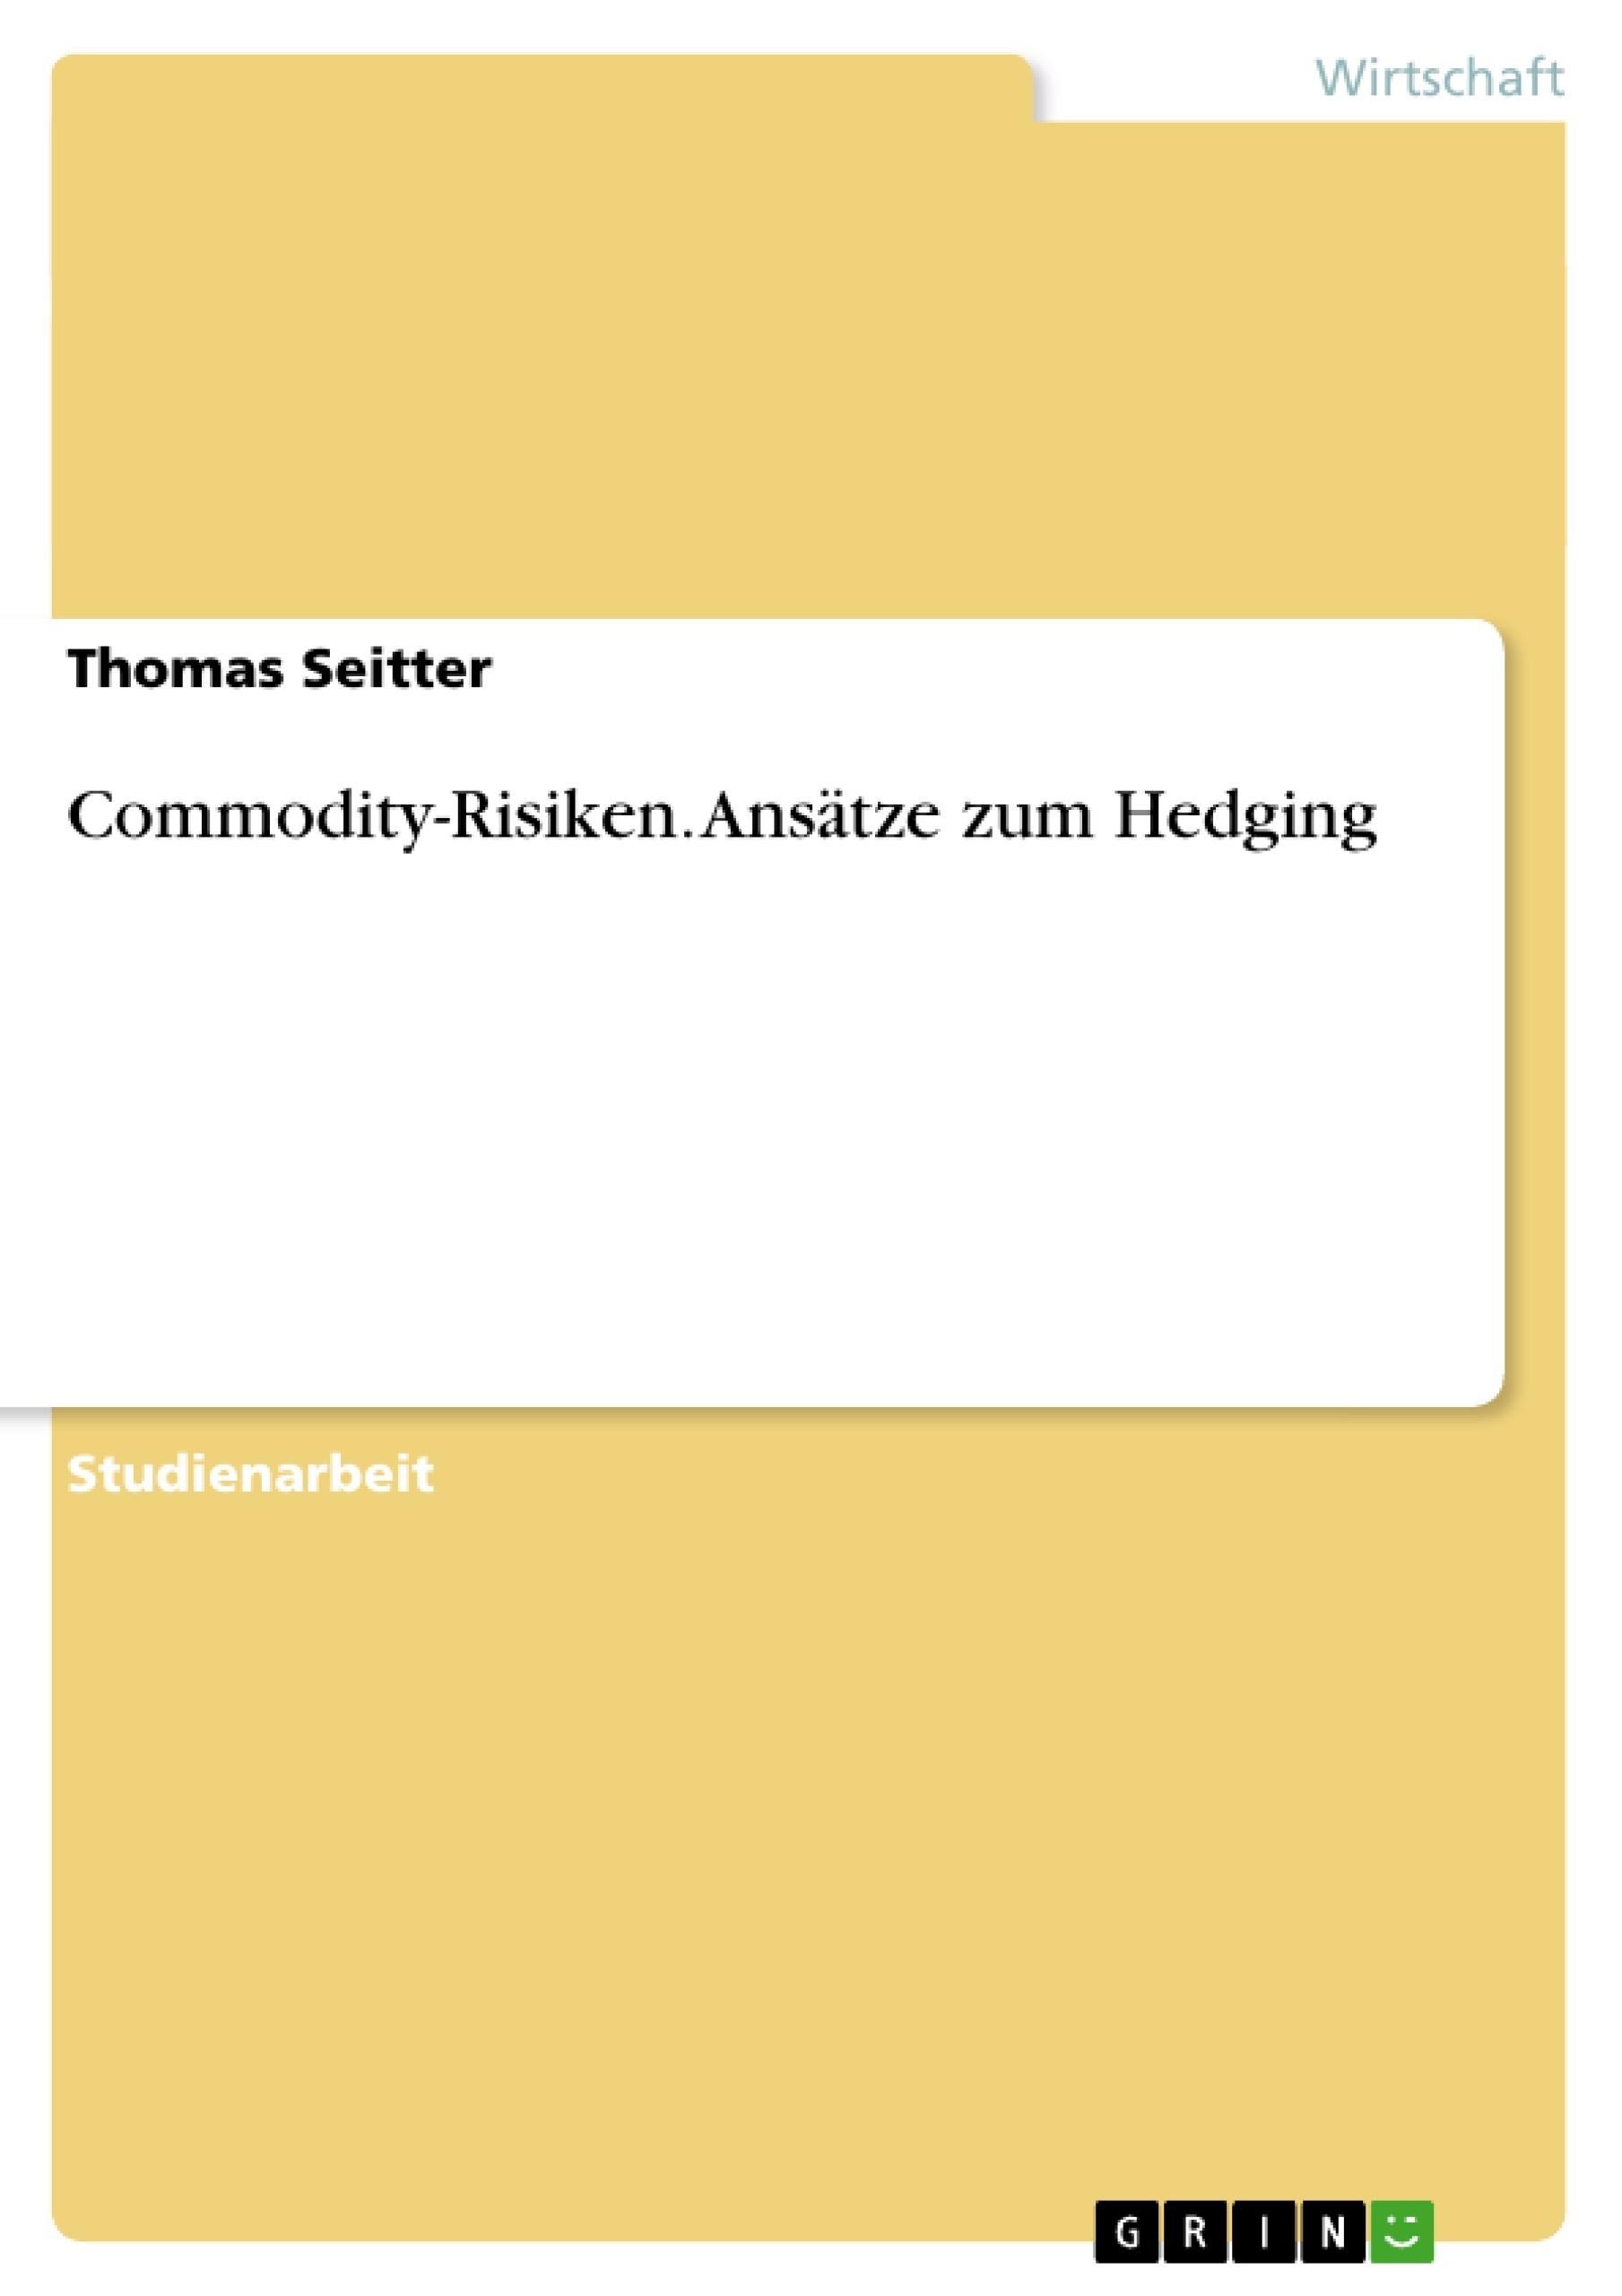 Titel: Commodity-Risiken. Ansätze zum Hedging